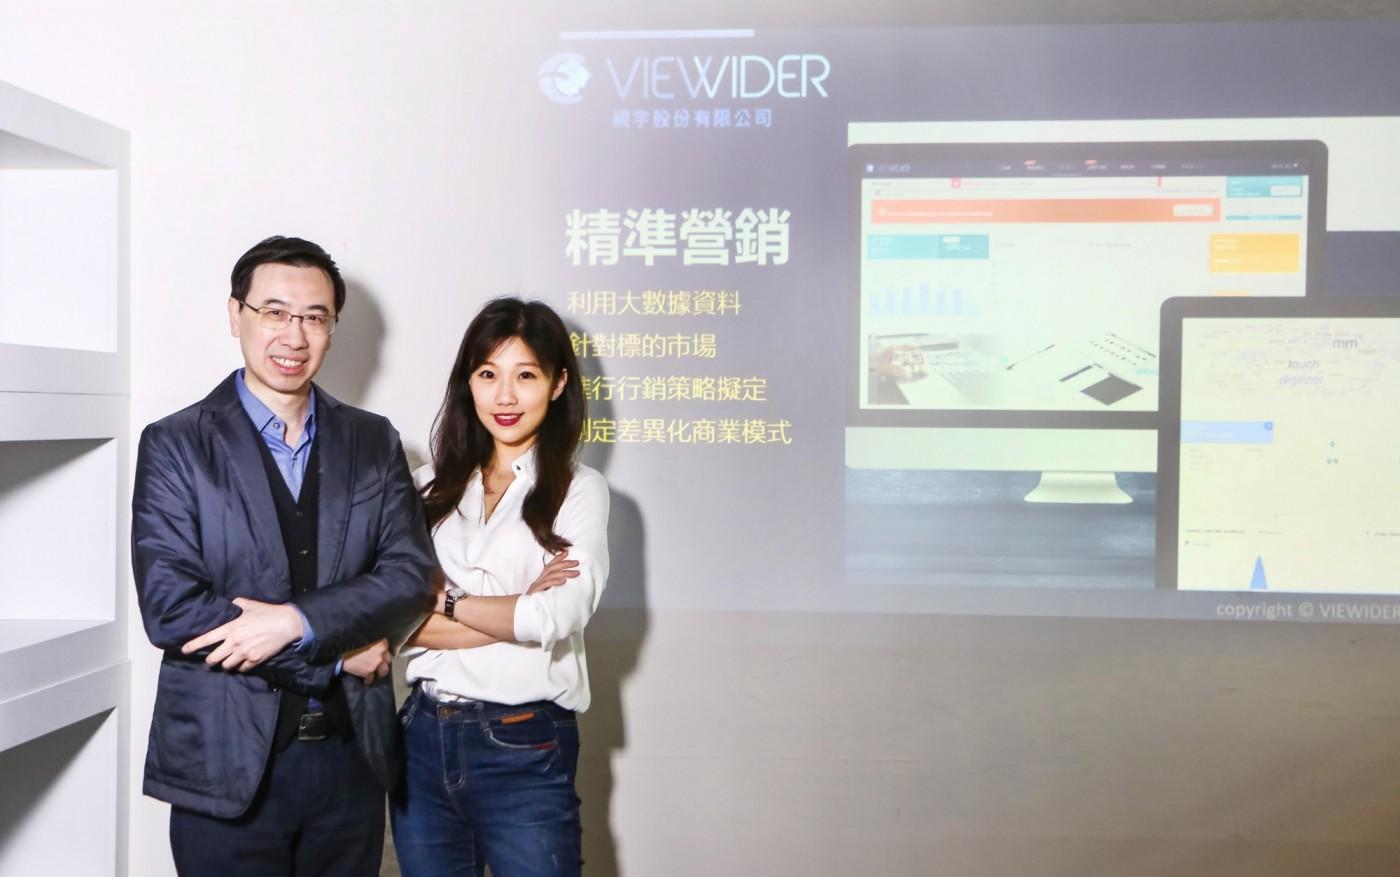 視宇推「電子商務的搜尋引擎」Viewider,用AI幫助中小企業進攻跨境電商